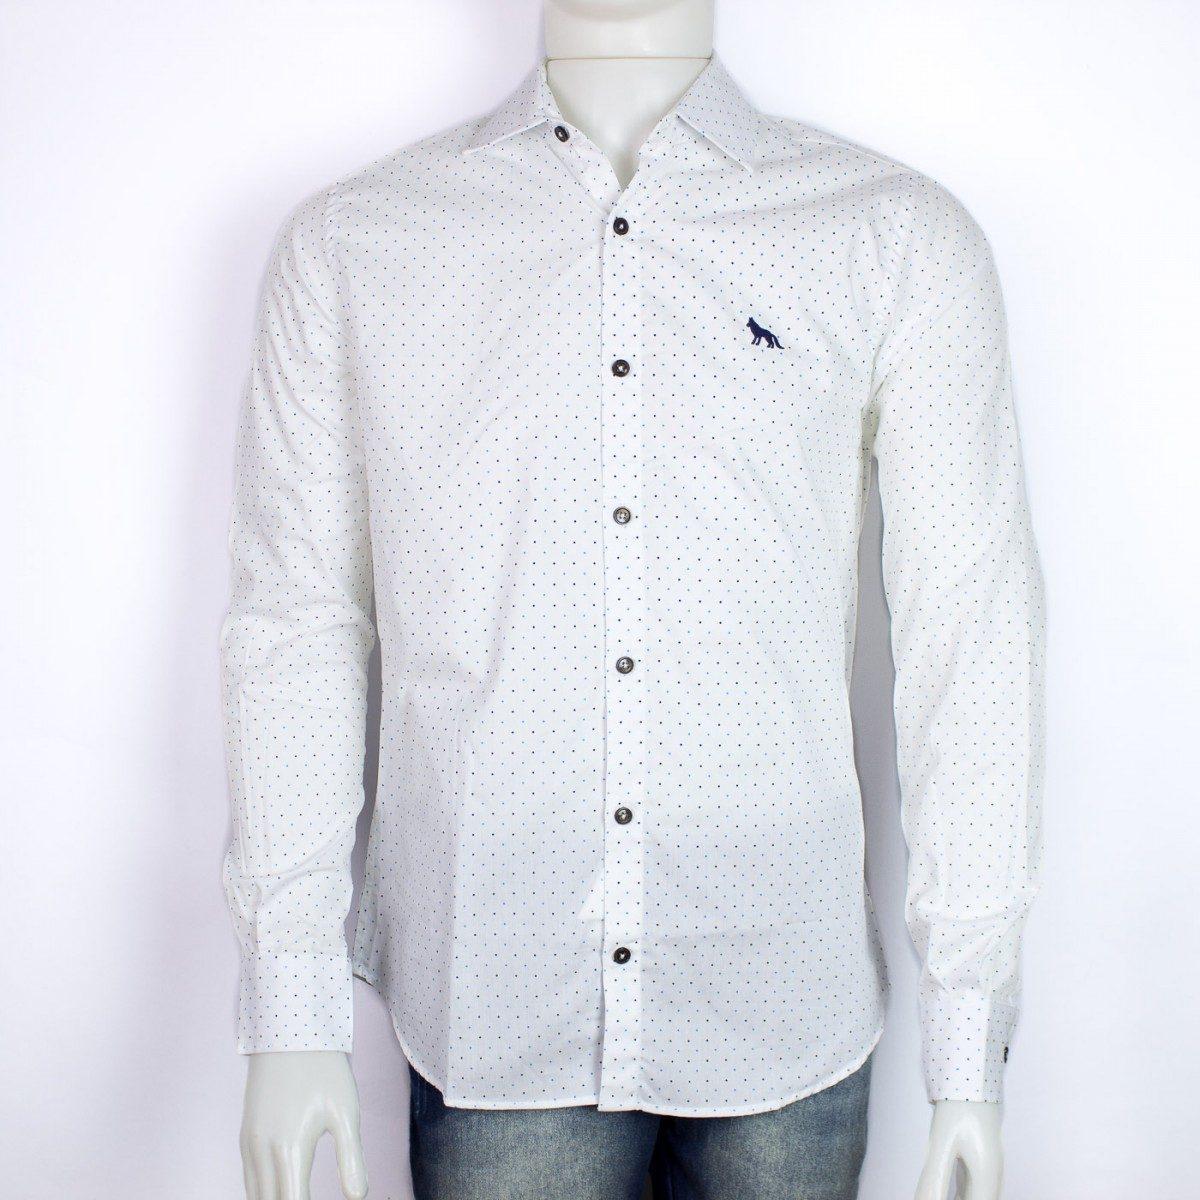 3a675db21b0d7 camisa social acostamento masculina 68101080. Carregando zoom.